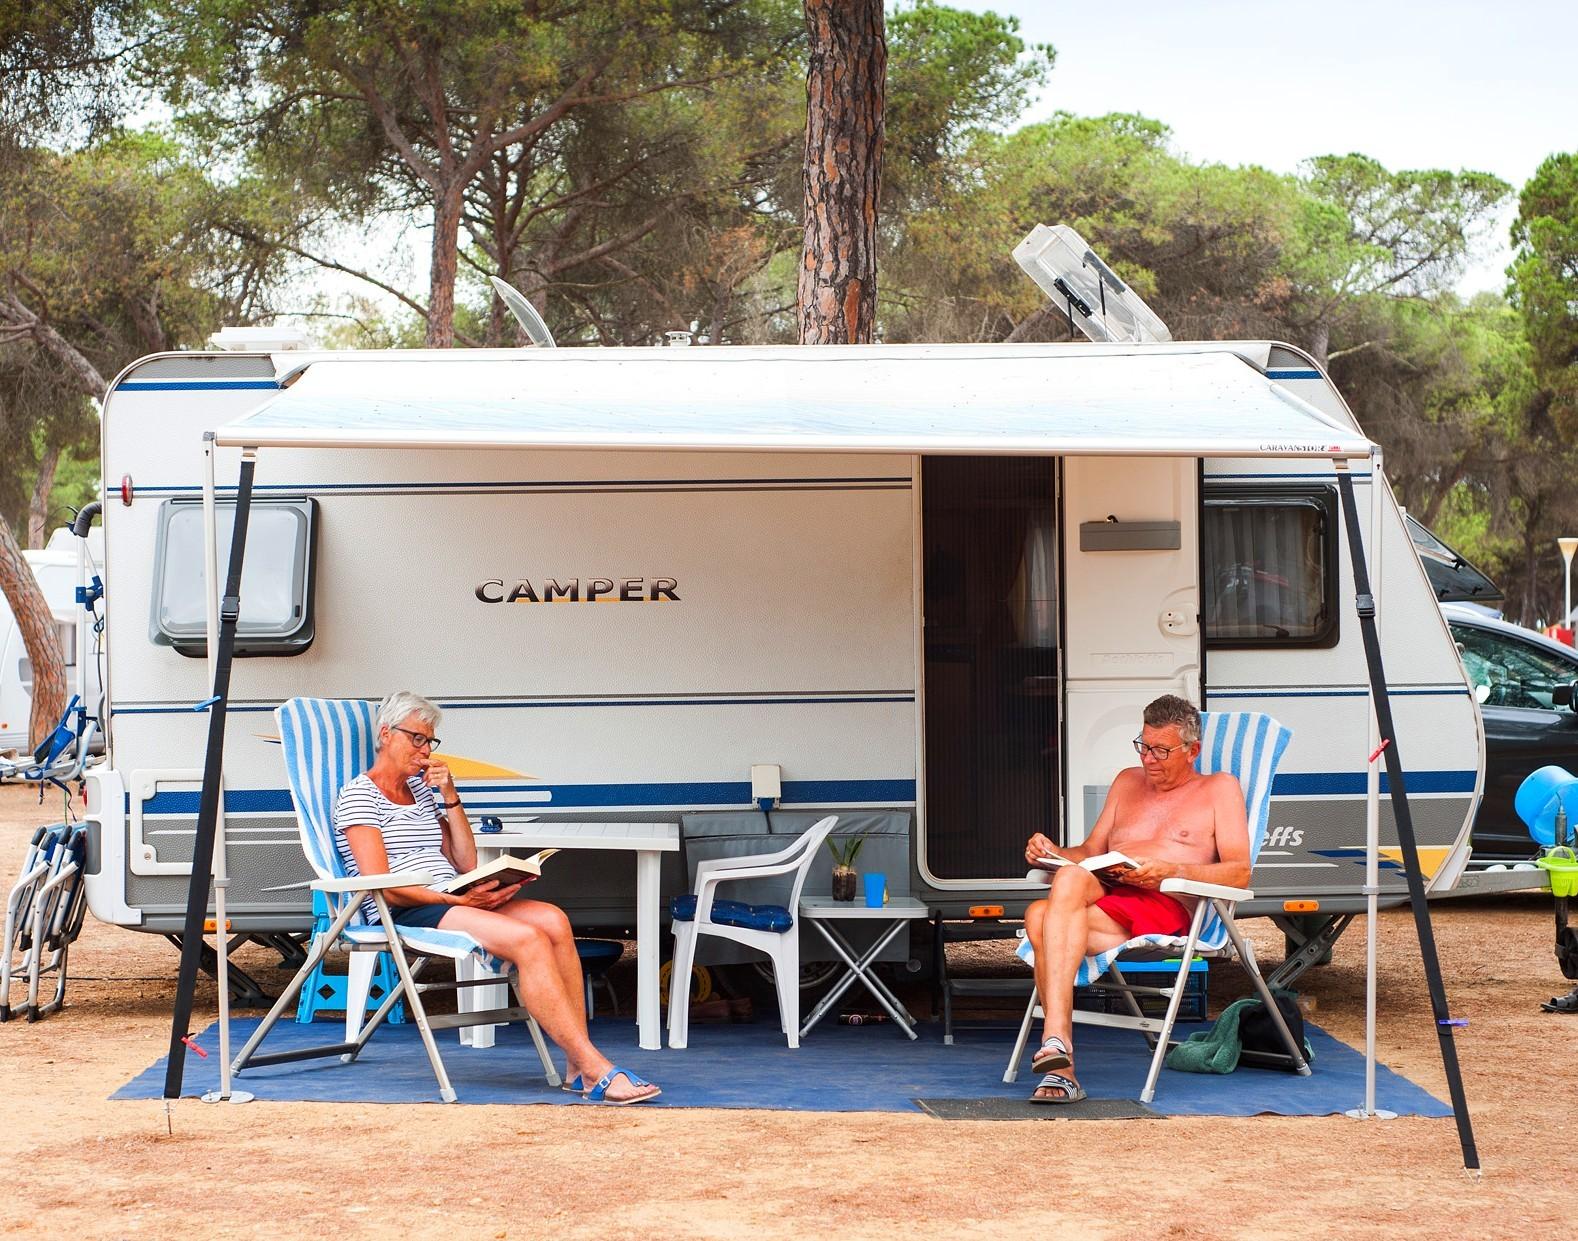 Los Campings Erasmus Mejores De HuelvaBlog HuelvaEspaña A3Rj54L